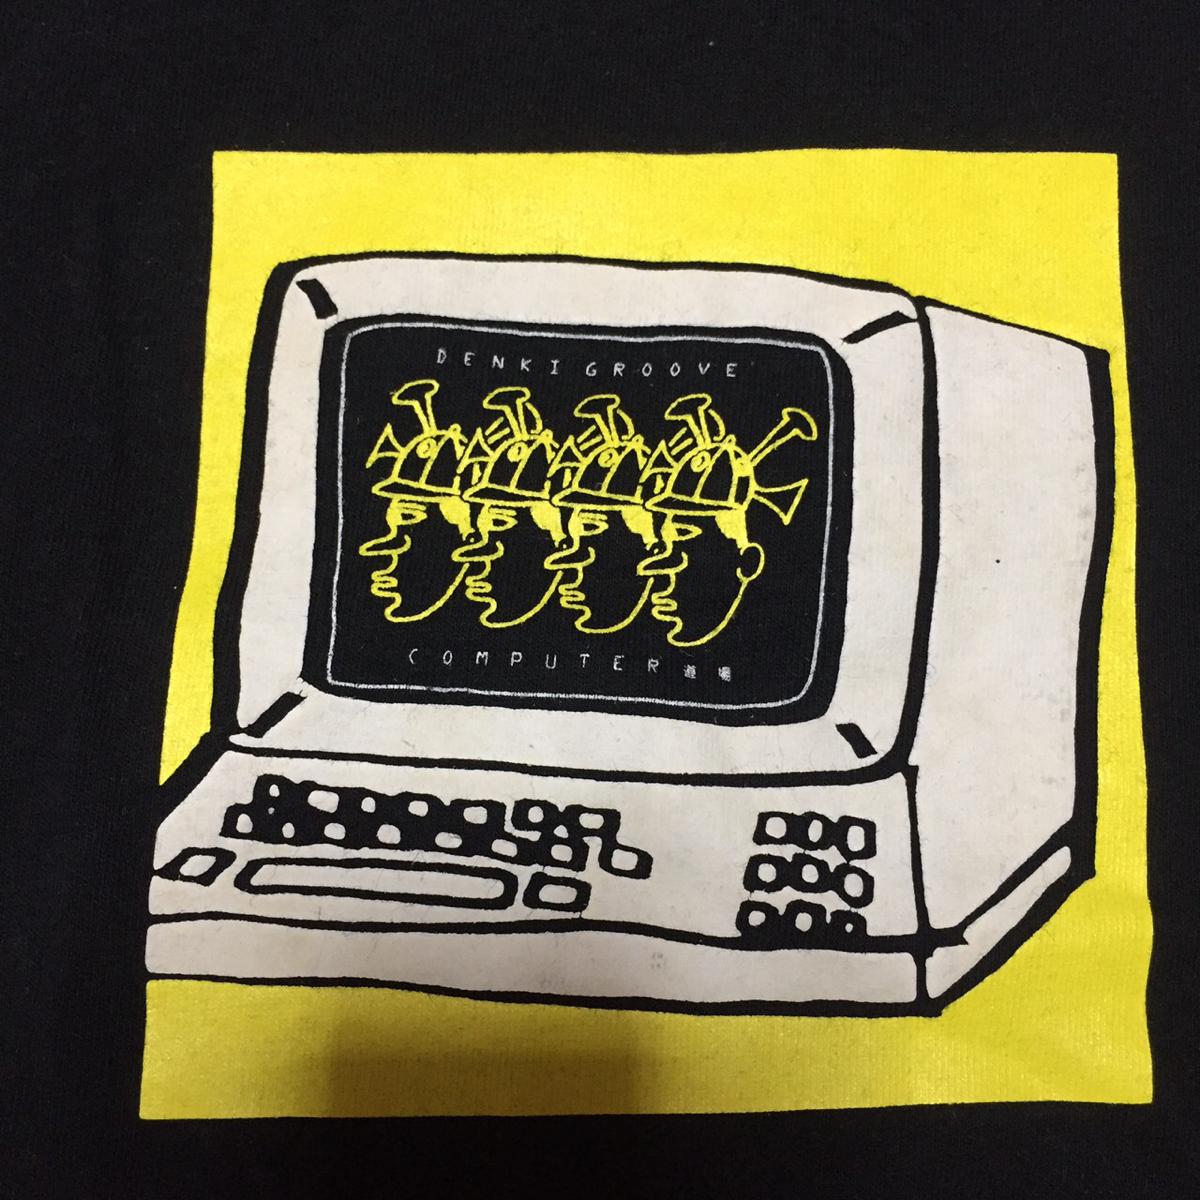 レア! 電気グルーヴ Tシャツ ヴィンテージ USA製 石野卓球 ピエール瀧 テクノ バンド ロック ライブグッズの画像